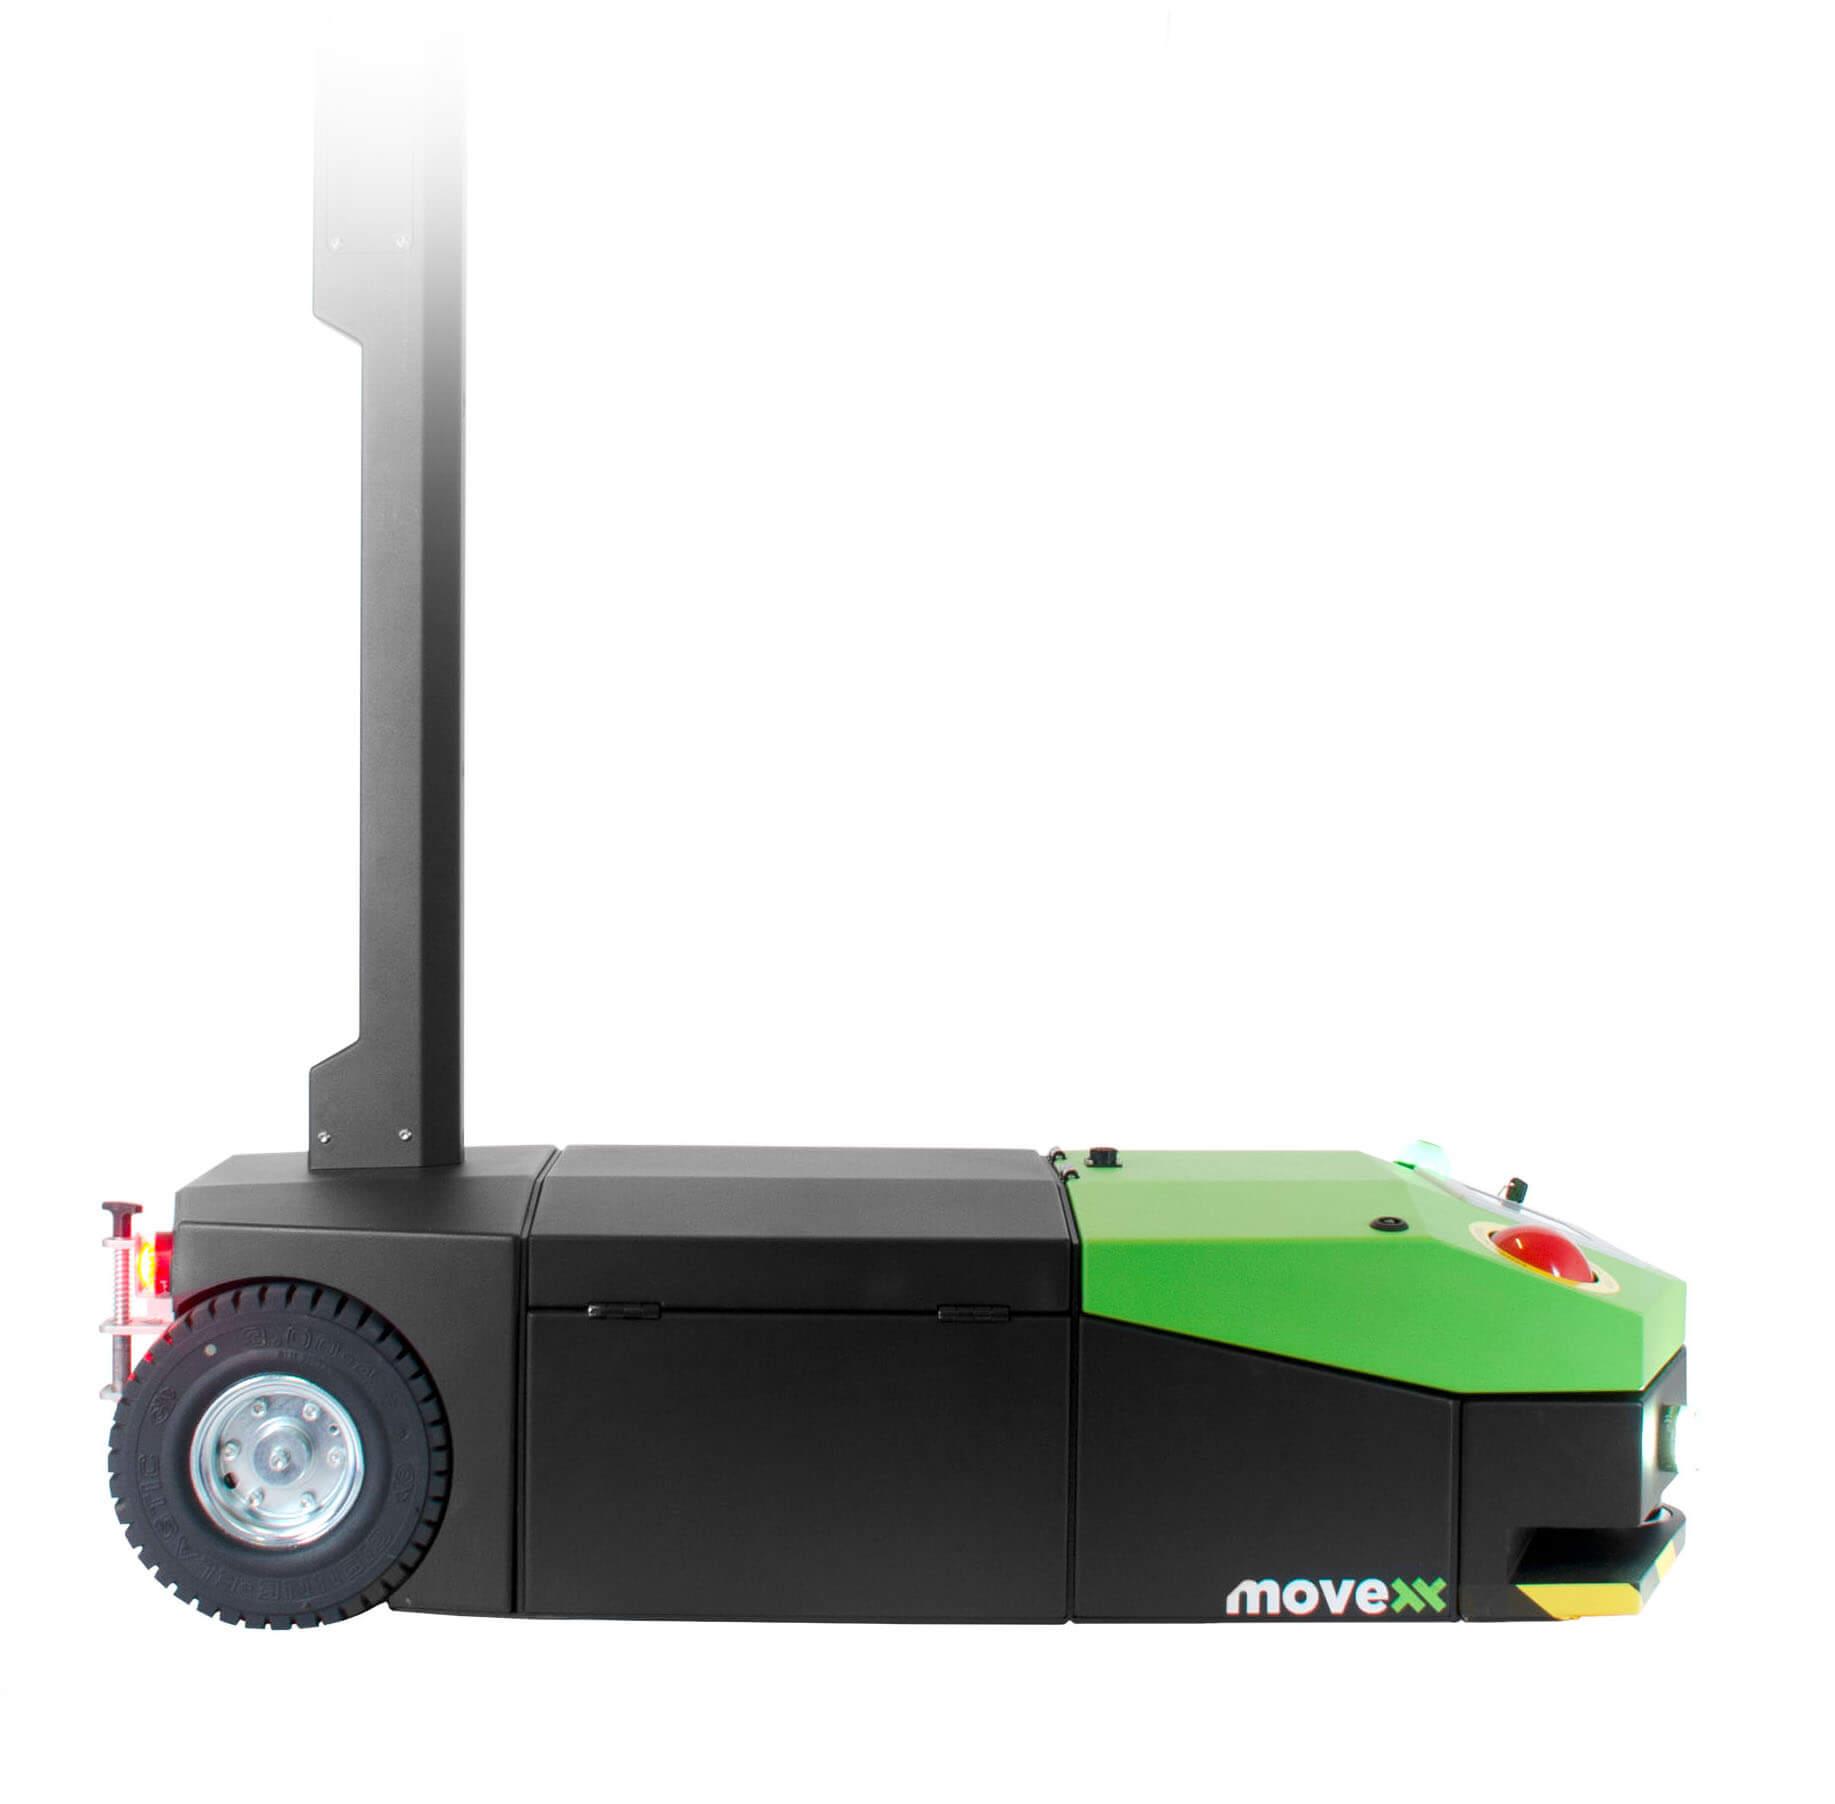 elektrický automaticky vedený tahač agv2500 s dotykovým displejem a lehce vyměnitelnou baterií, foto z profilu